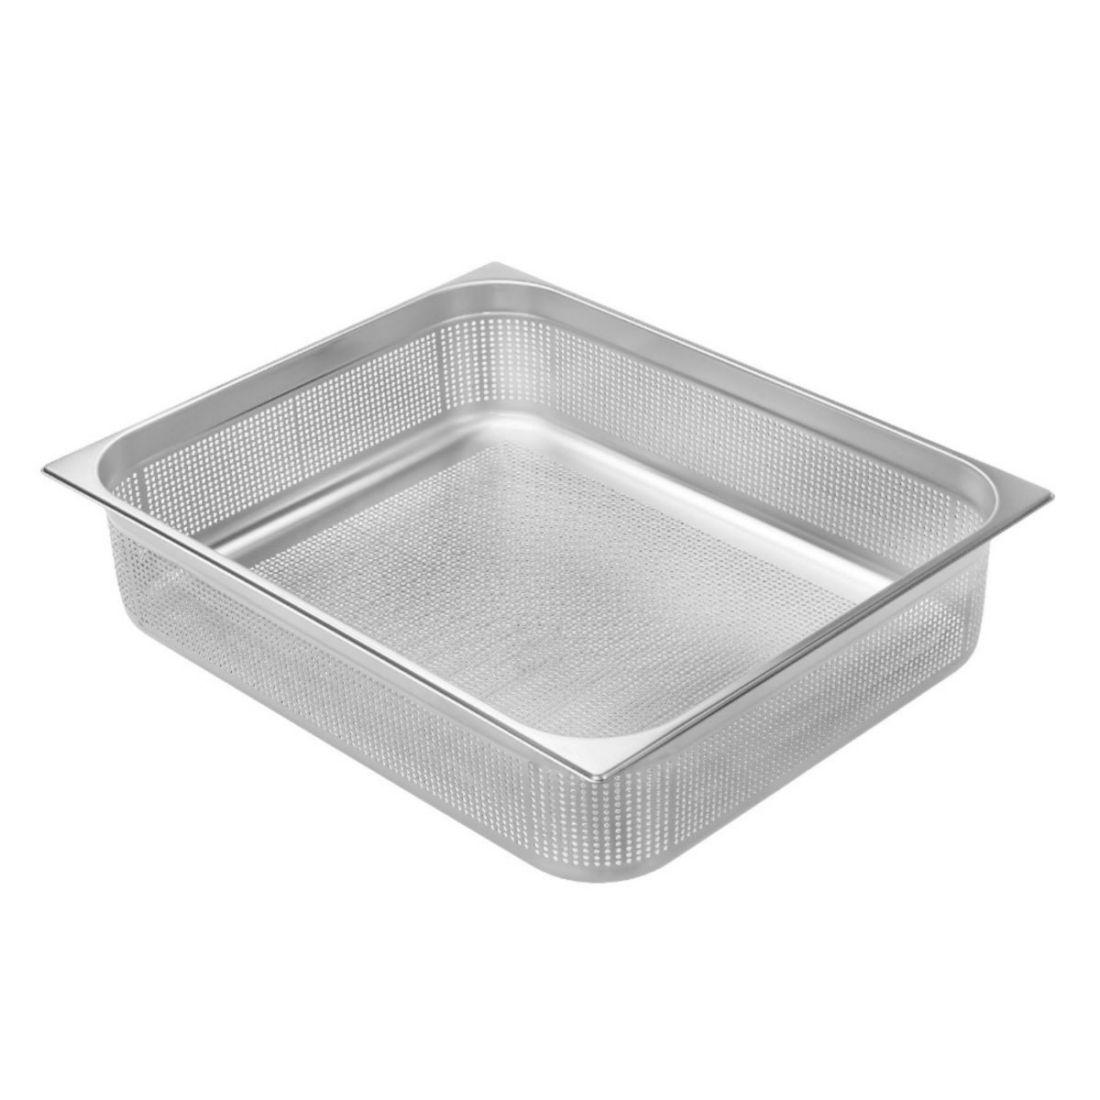 Gastronádoba Profi děrovaná s úchyty GN 2/1 200 mm